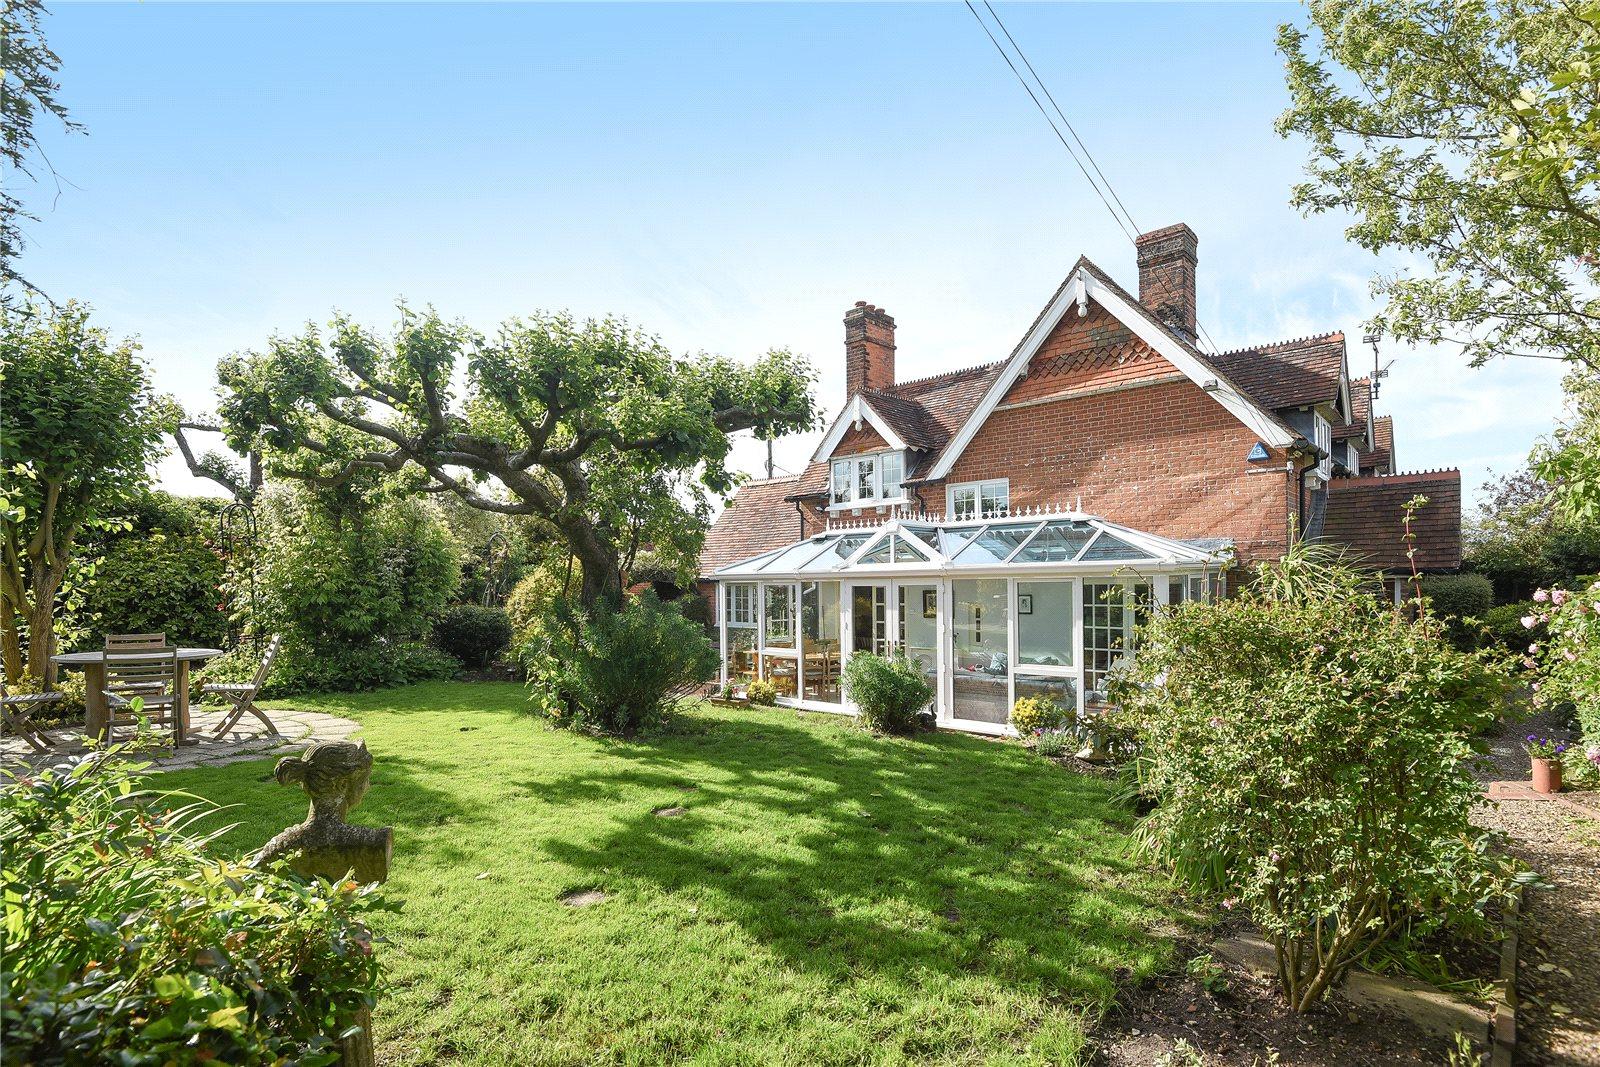 단독 가정 주택 용 매매 에 Beedon Hill, Beedon, Newbury, Berkshire, RG20 Newbury, 영국